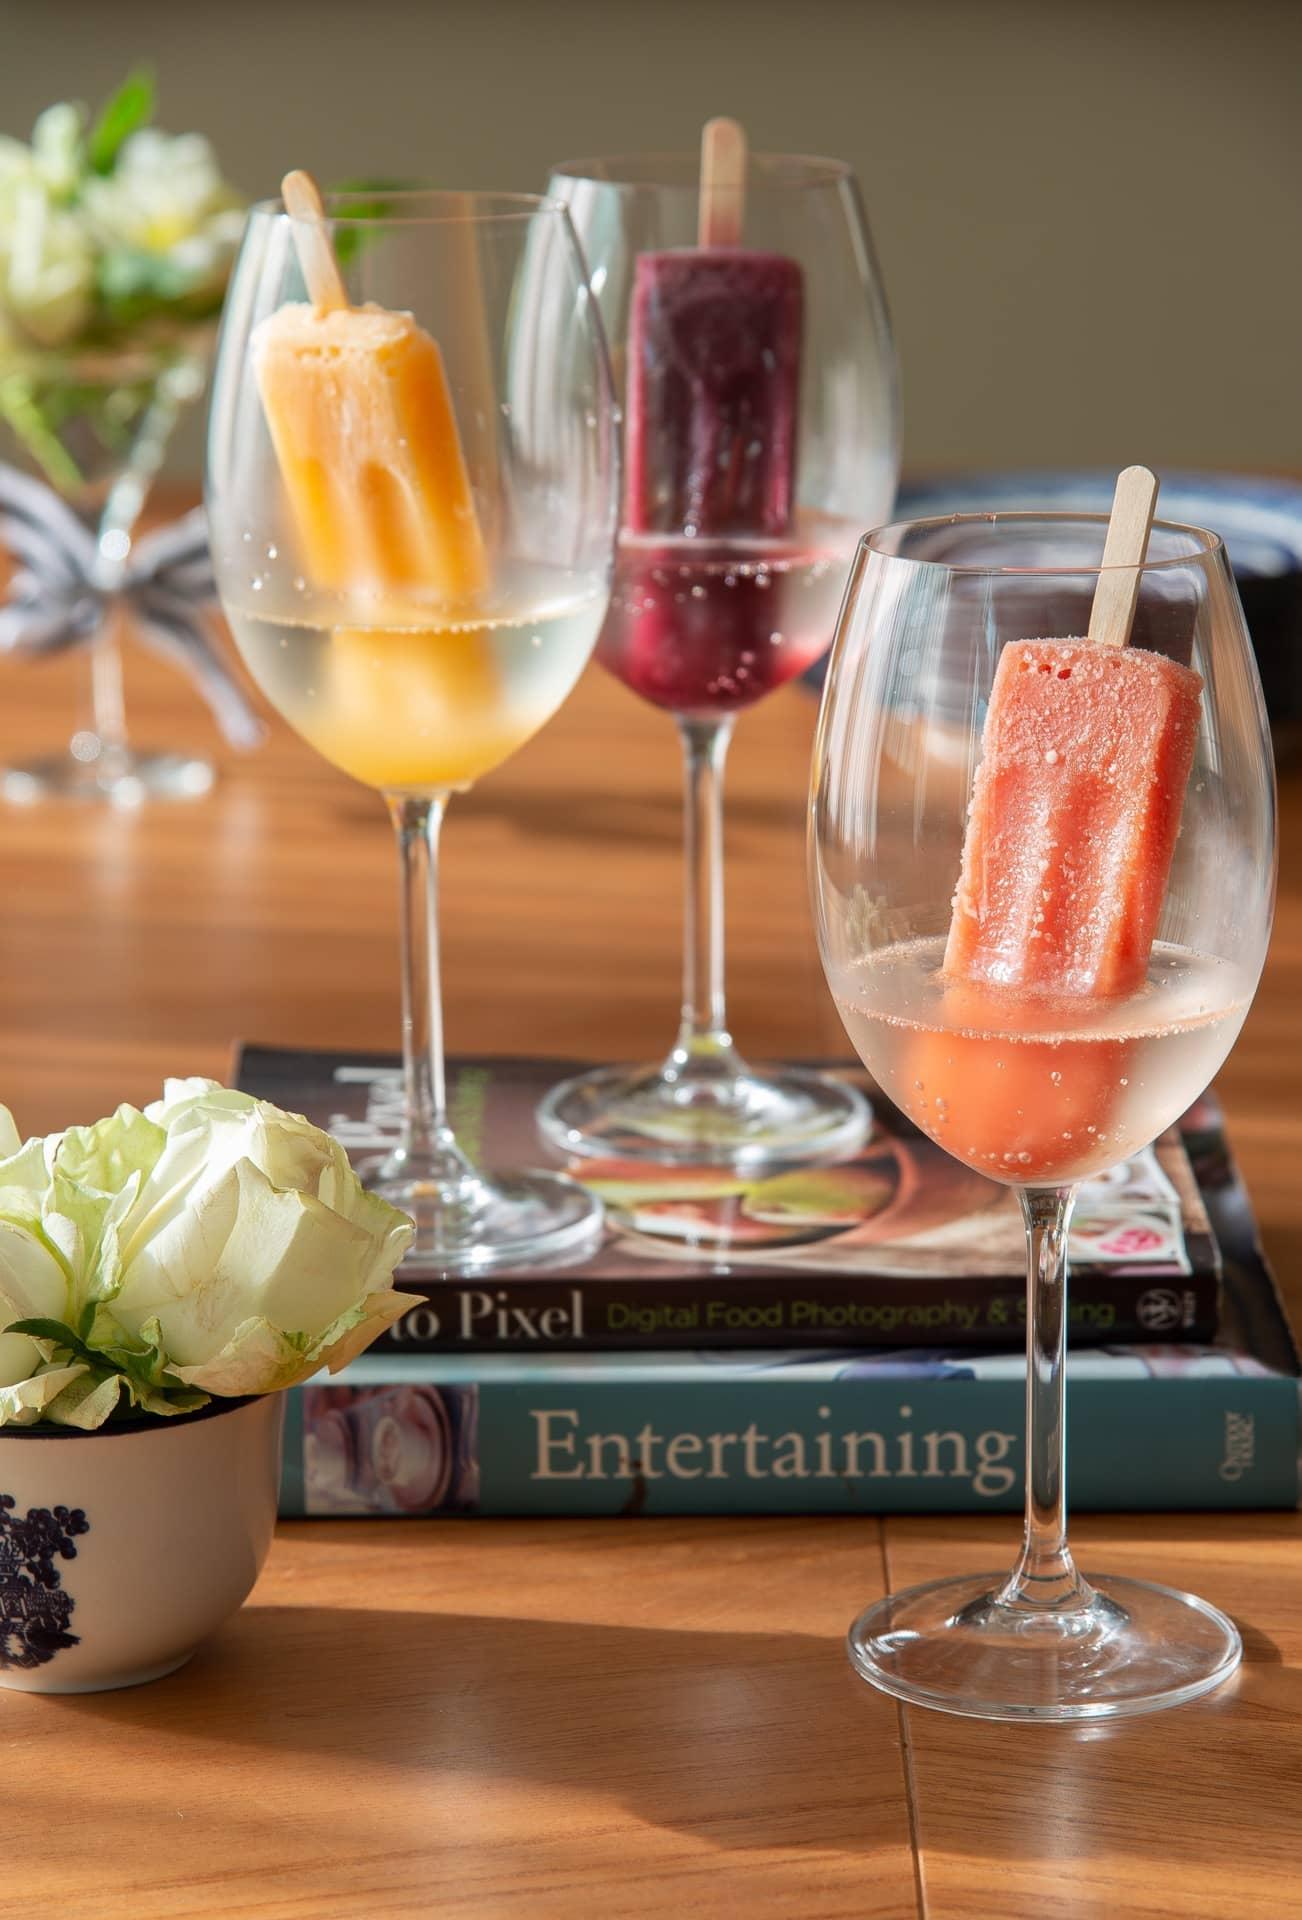 Imagem: O drinque para receber a família é fácil e refrescante: espumante com picolé de frutas, servido em taças Oxford Alumina Crystal. Os livros empilhados servem como bandeja. Foto: Cacá Bratke